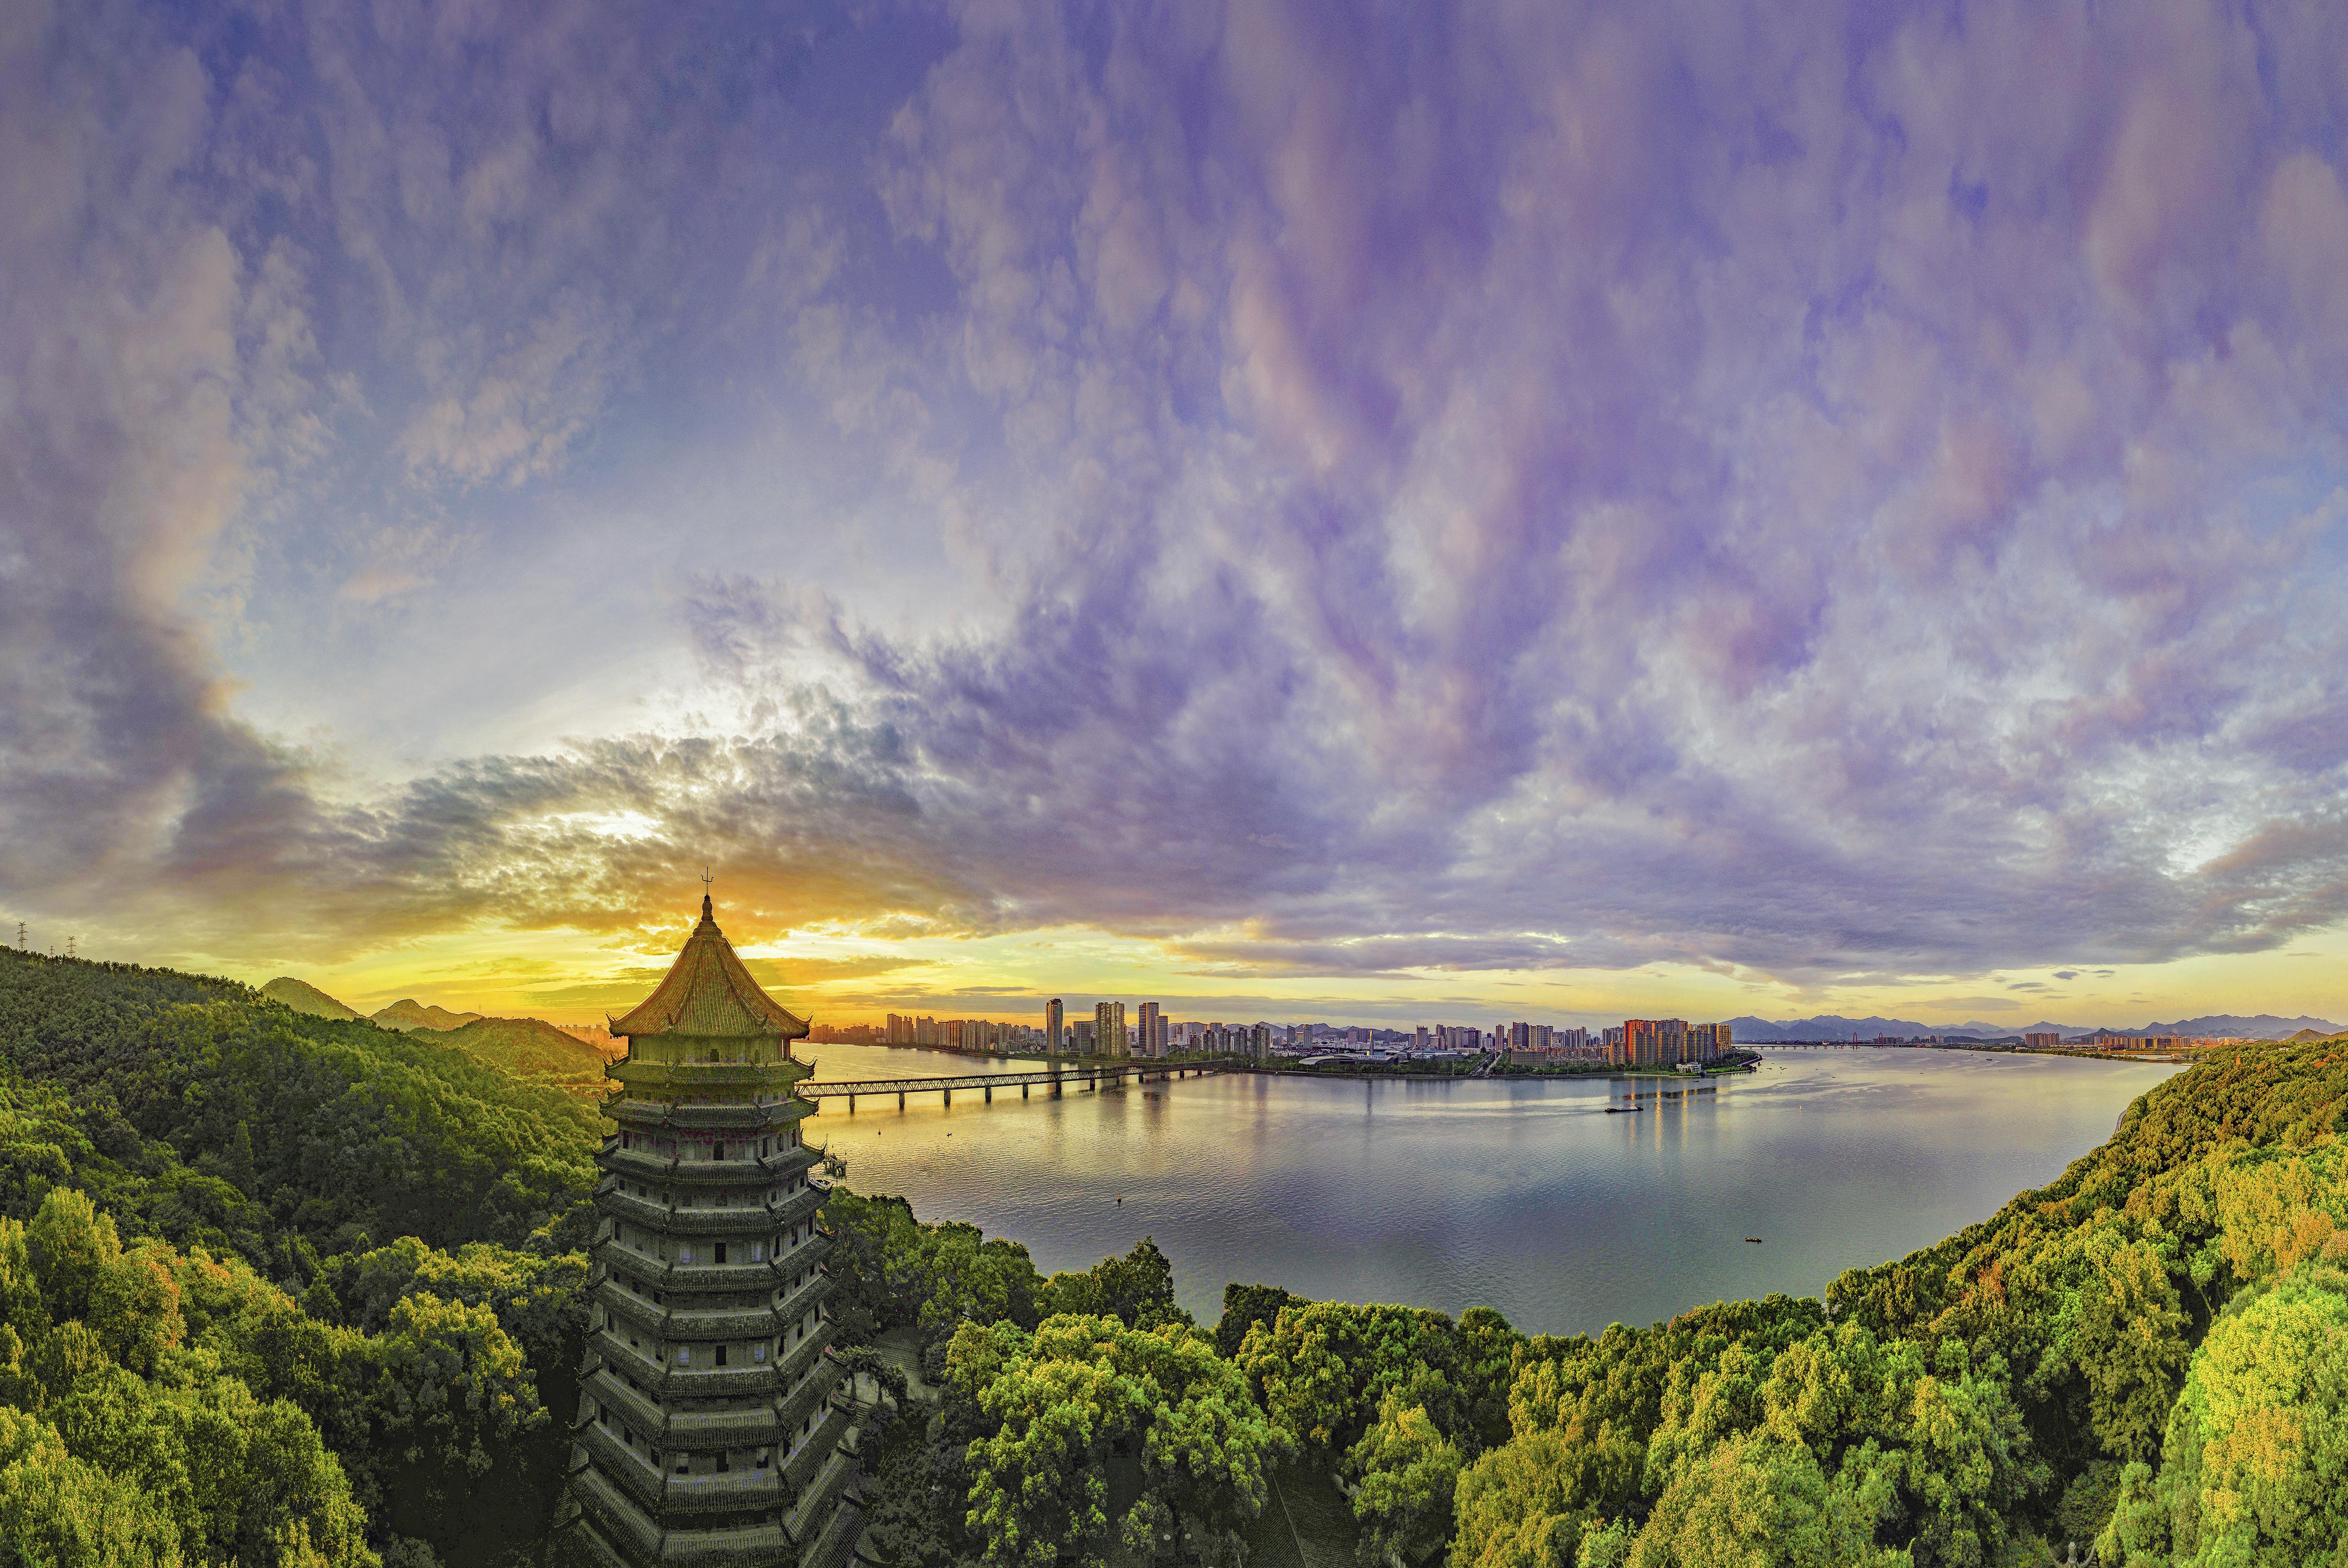 浙江4个世界级景点名扬四海,游客络绎不绝,来浙江旅游必打卡